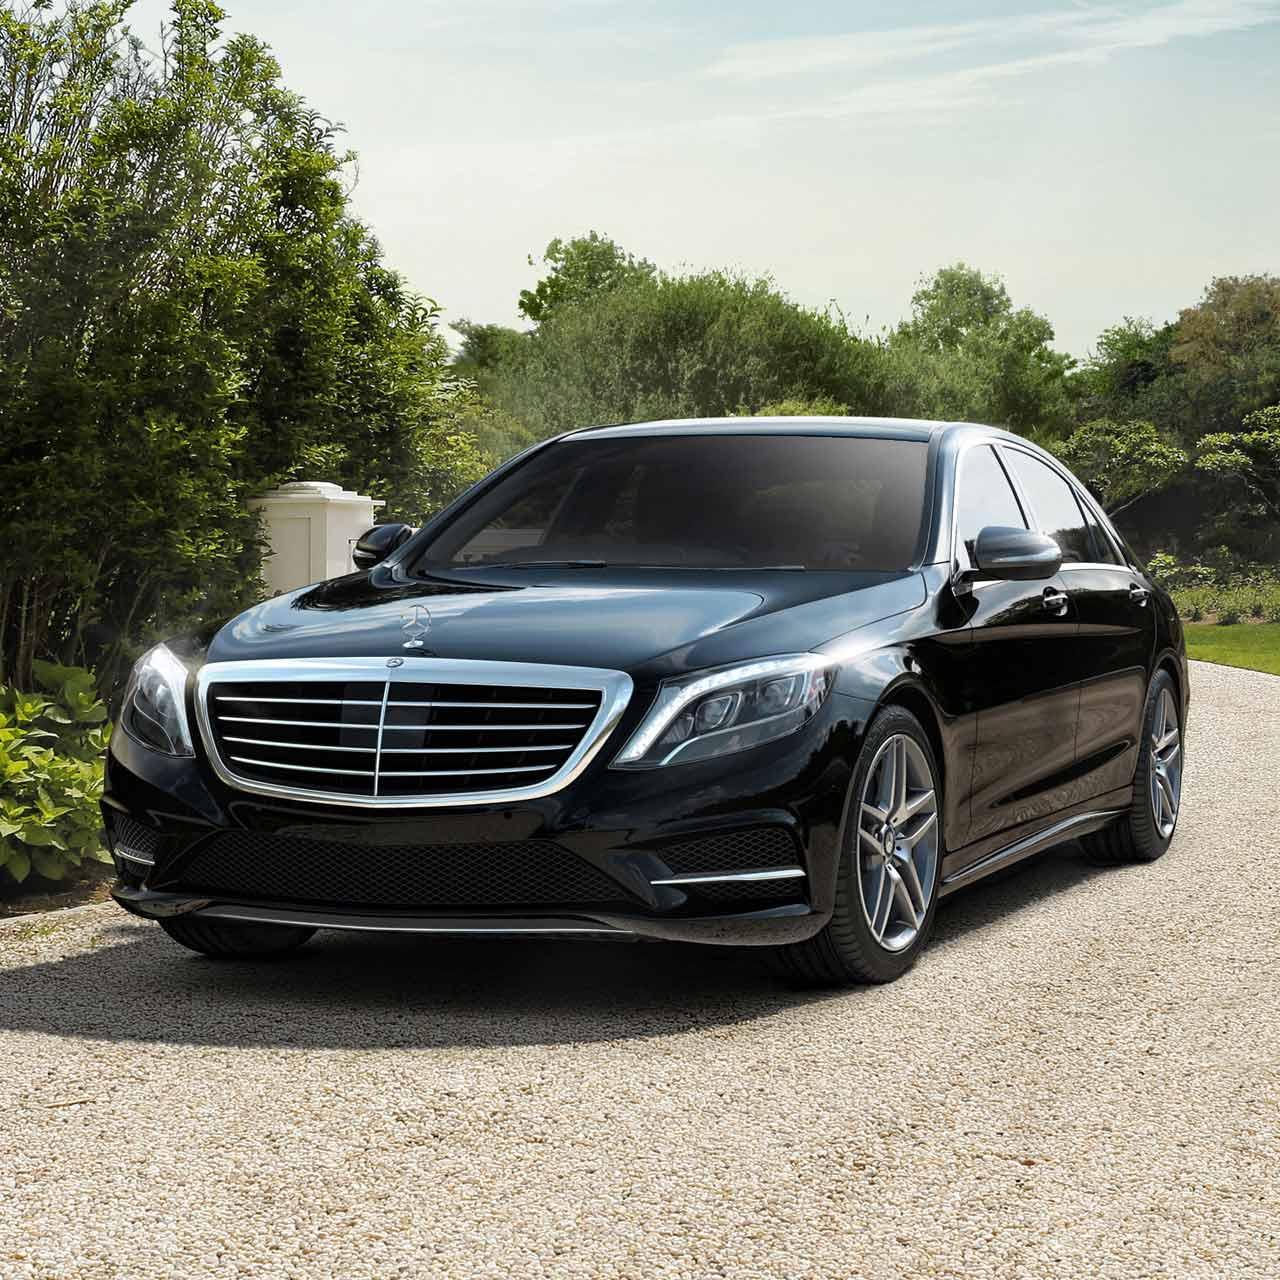 Mercedes S550 Luxury Sedan